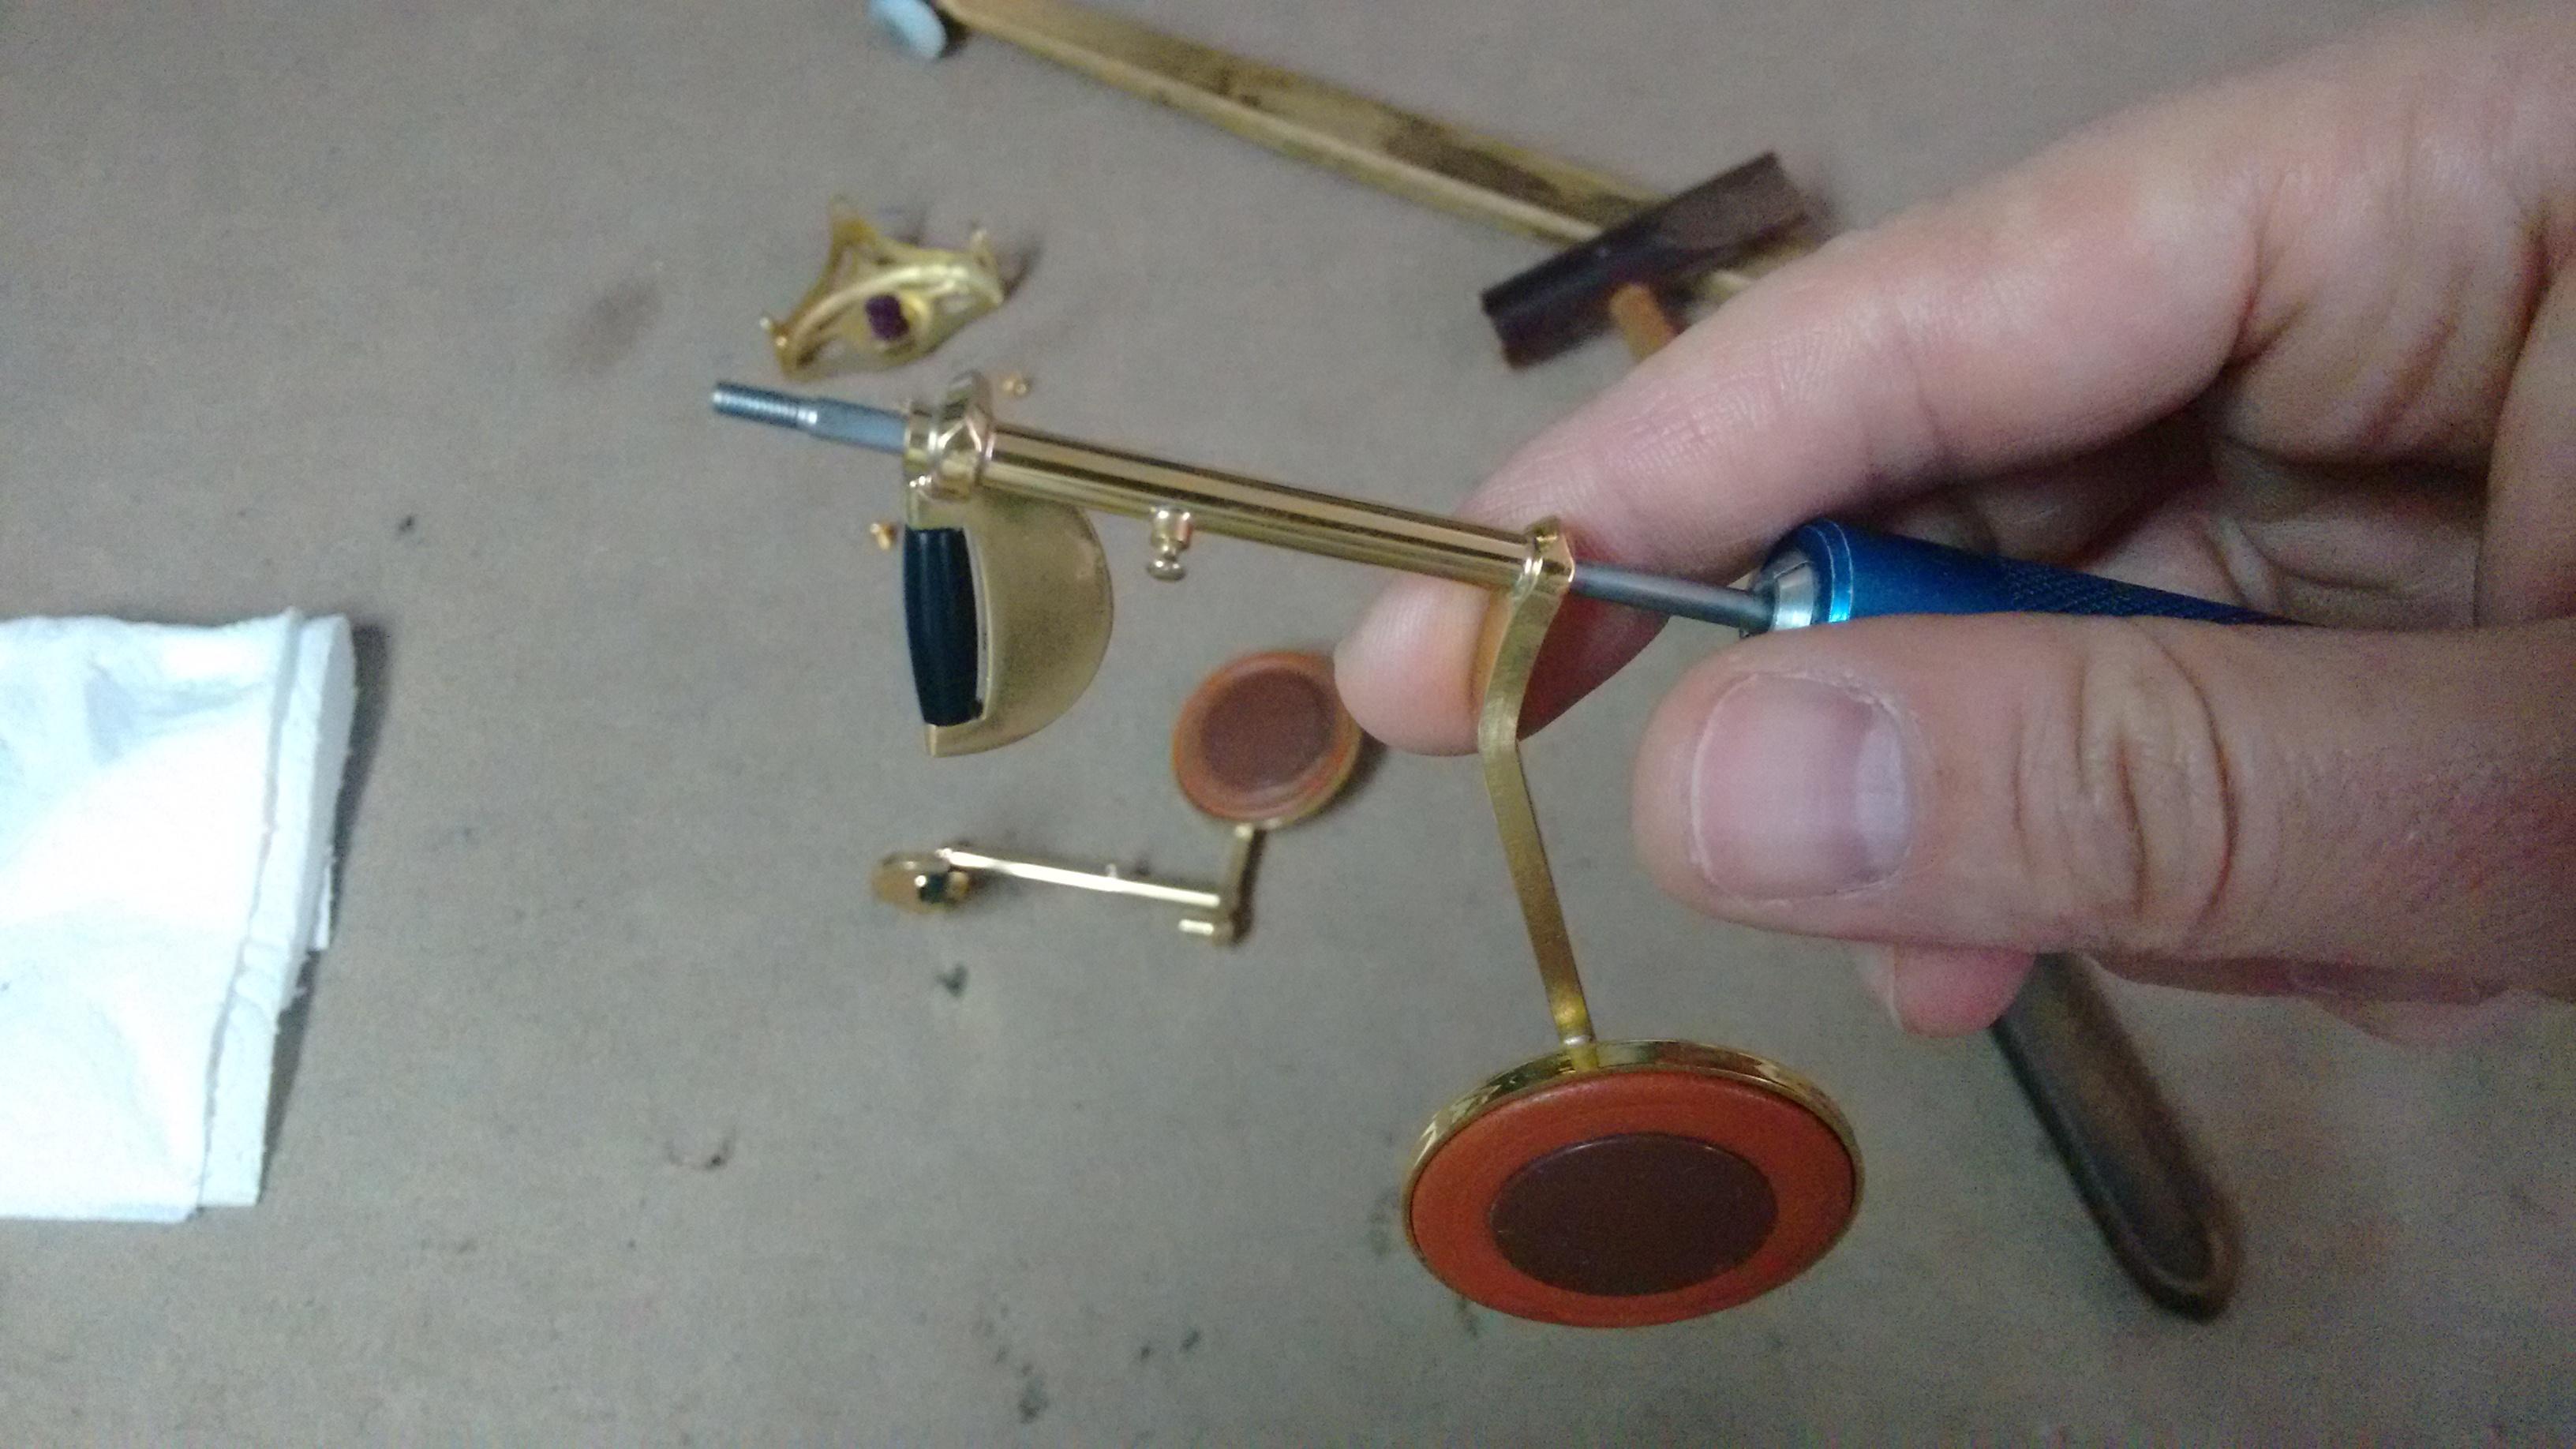 Asentando y enderezando el tornillo pasador junto con las llaves deformados por el golpe.